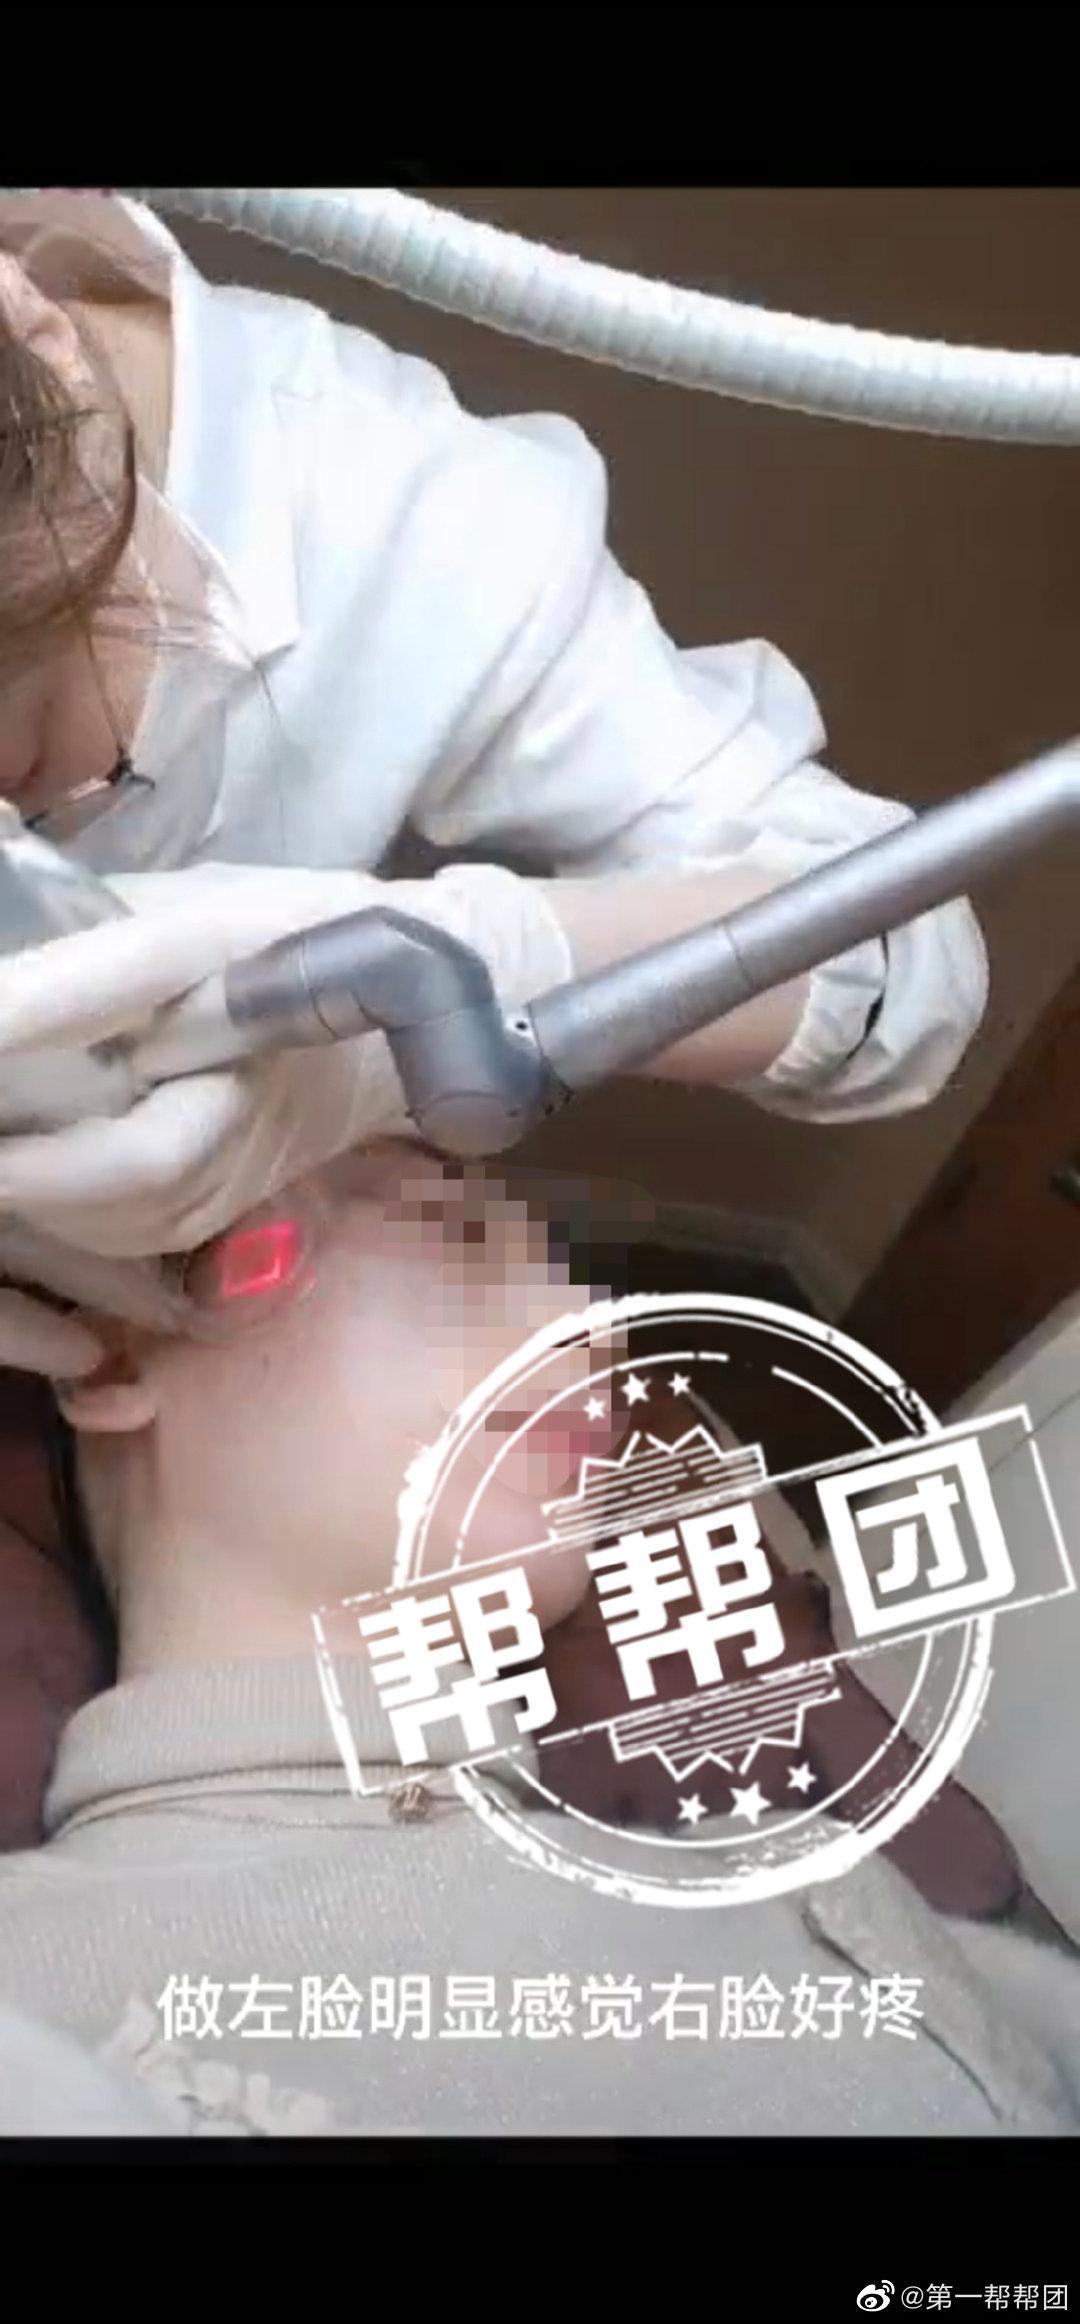 女子祛痘手术后过敏,质疑美容院无医疗资质